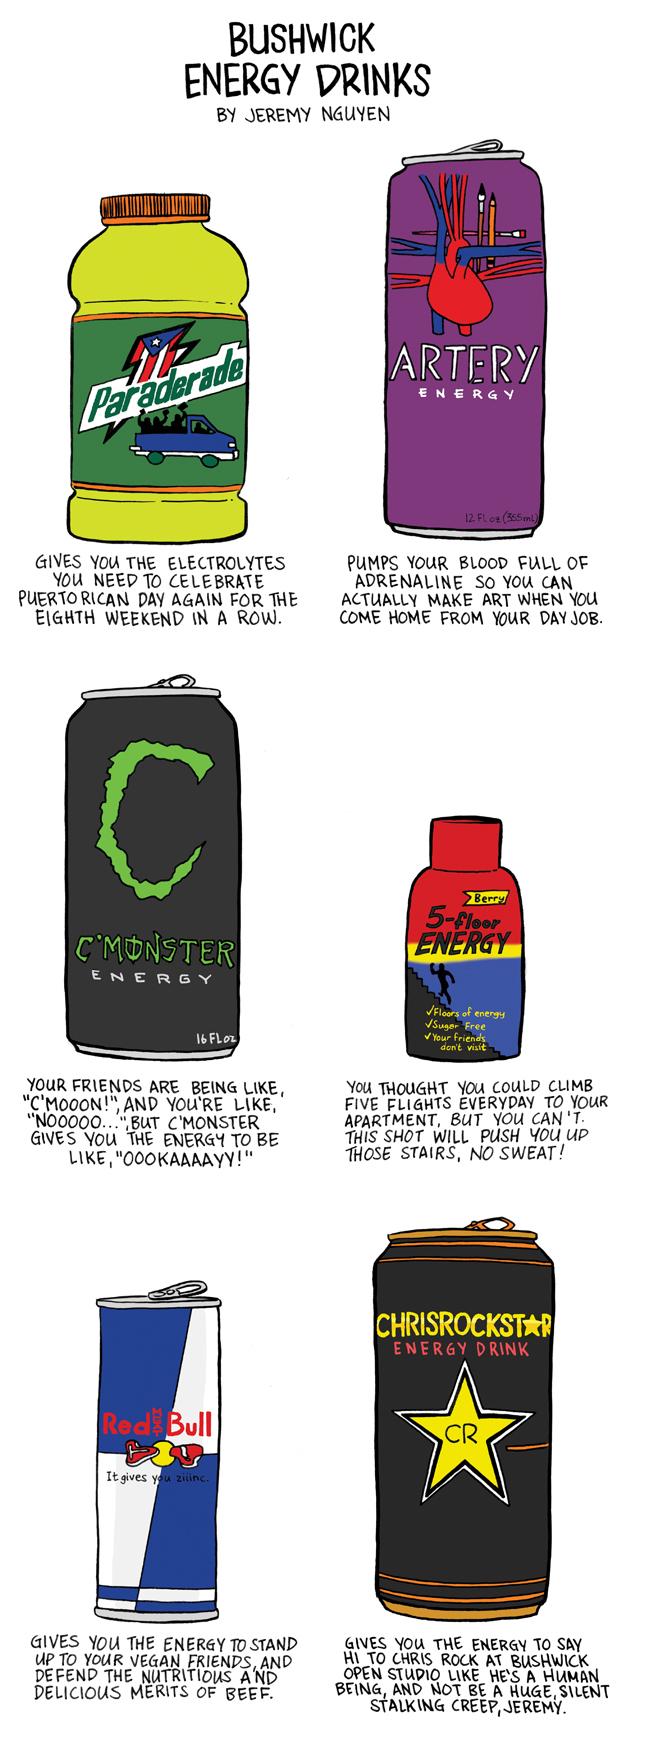 Bushwick's Energy Drinks